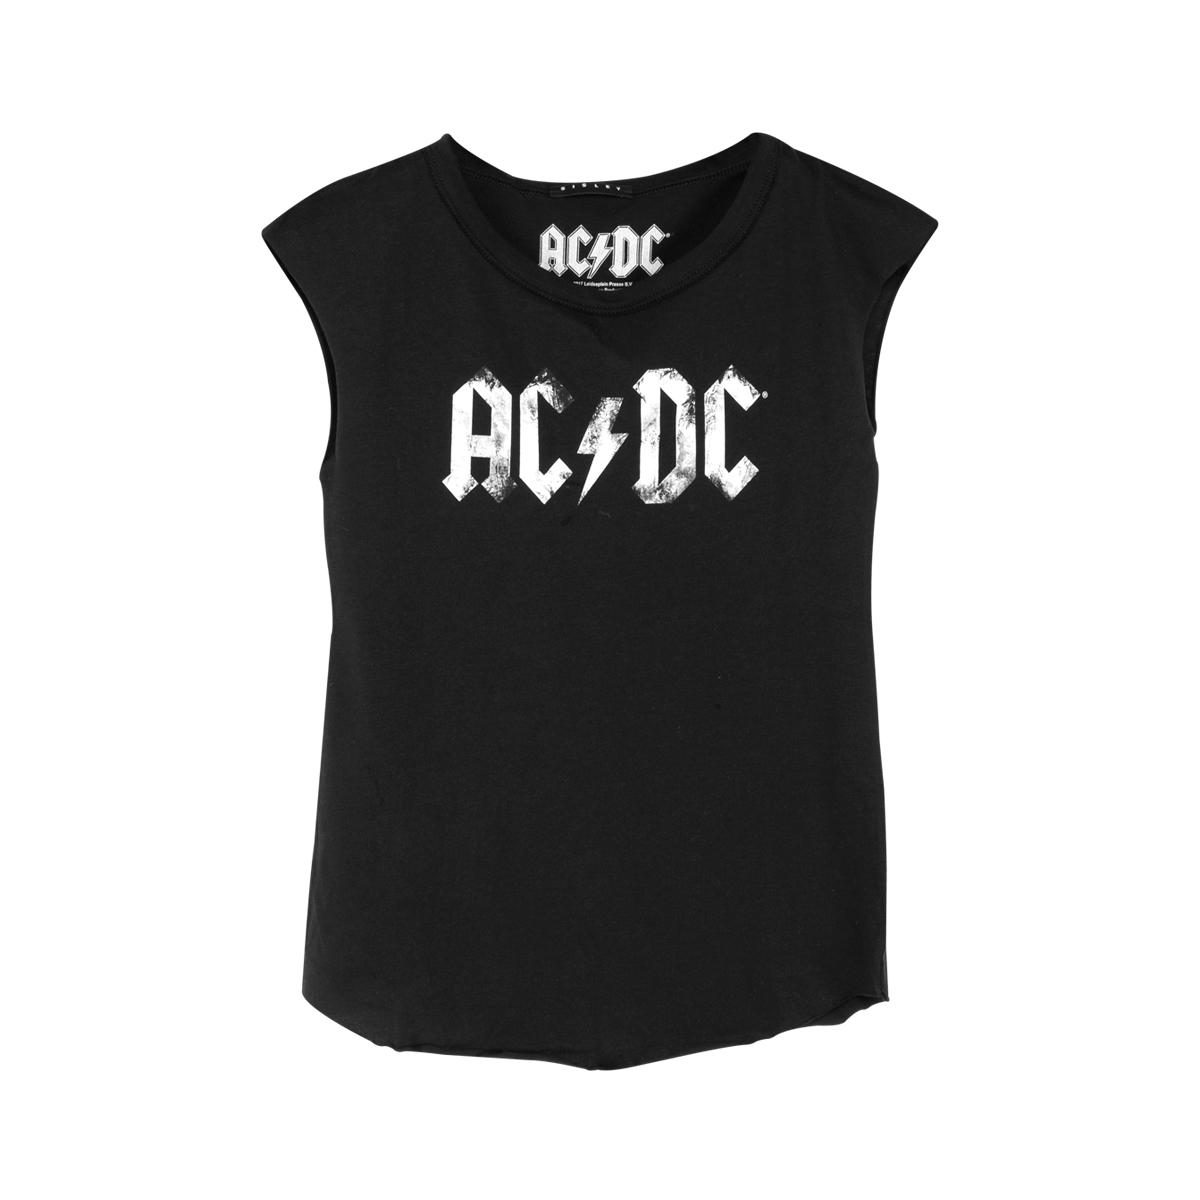 AC/DC White Logo Ladies Tee